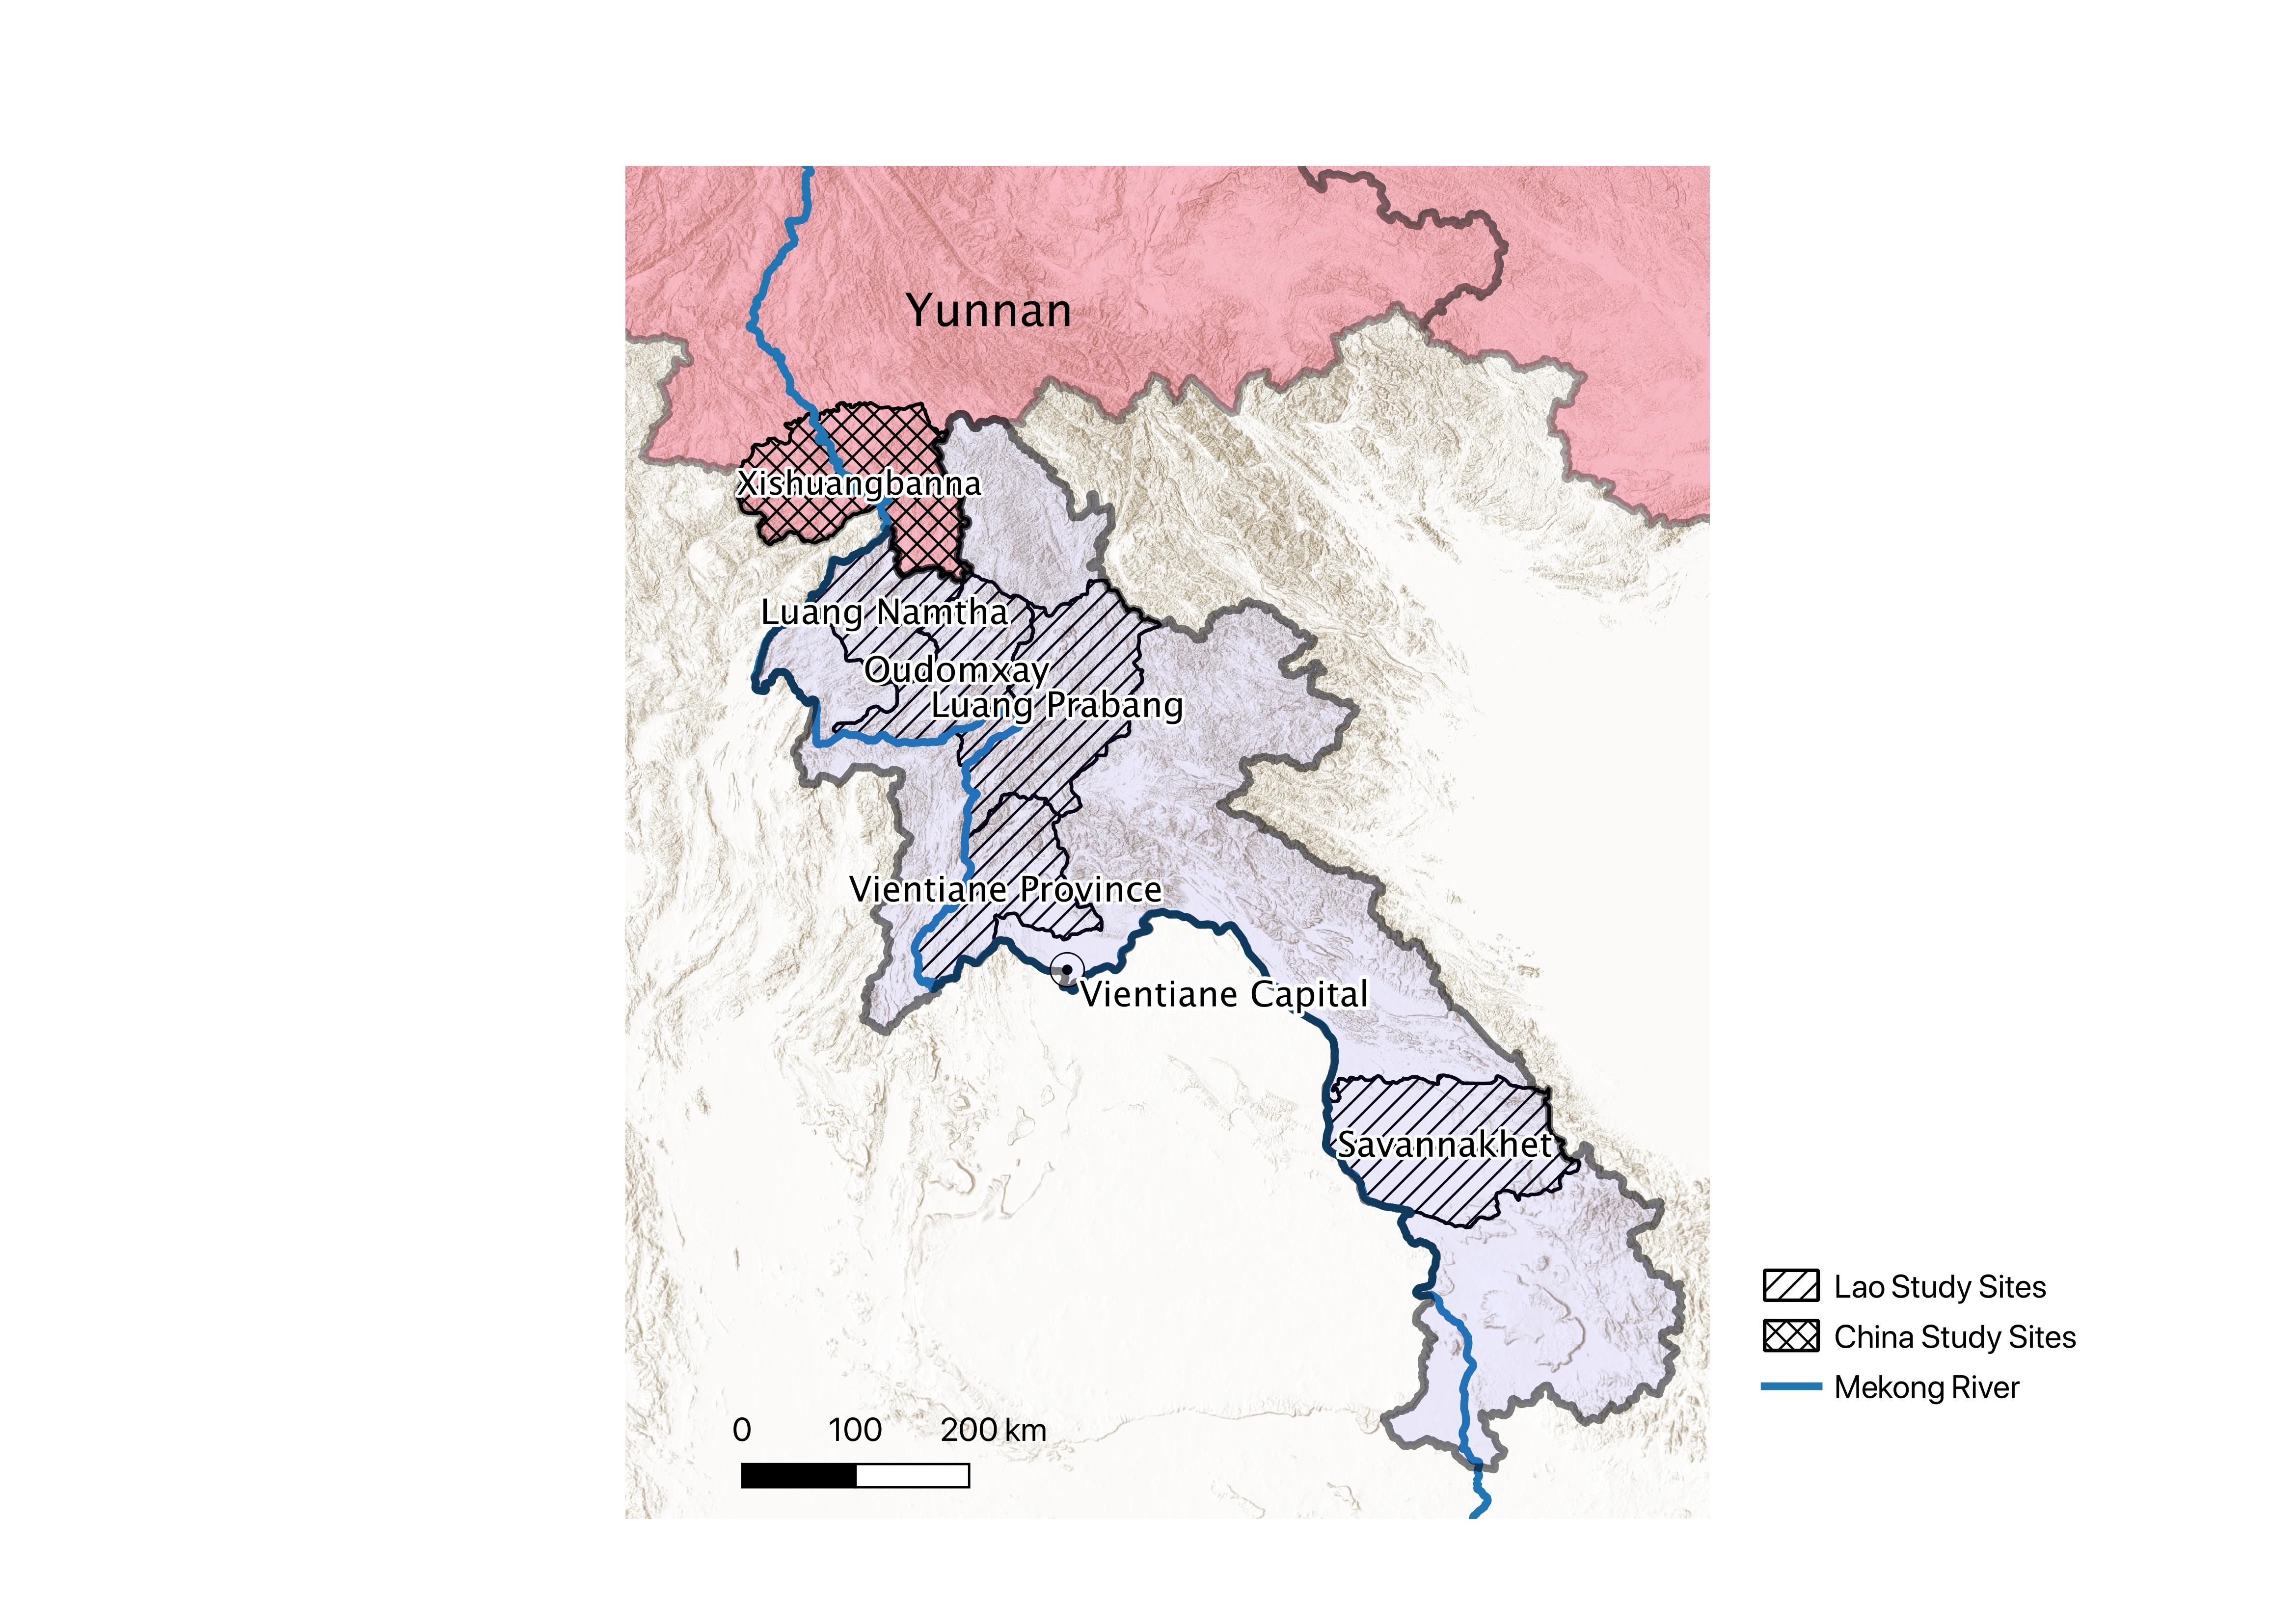 Map of China/Laos